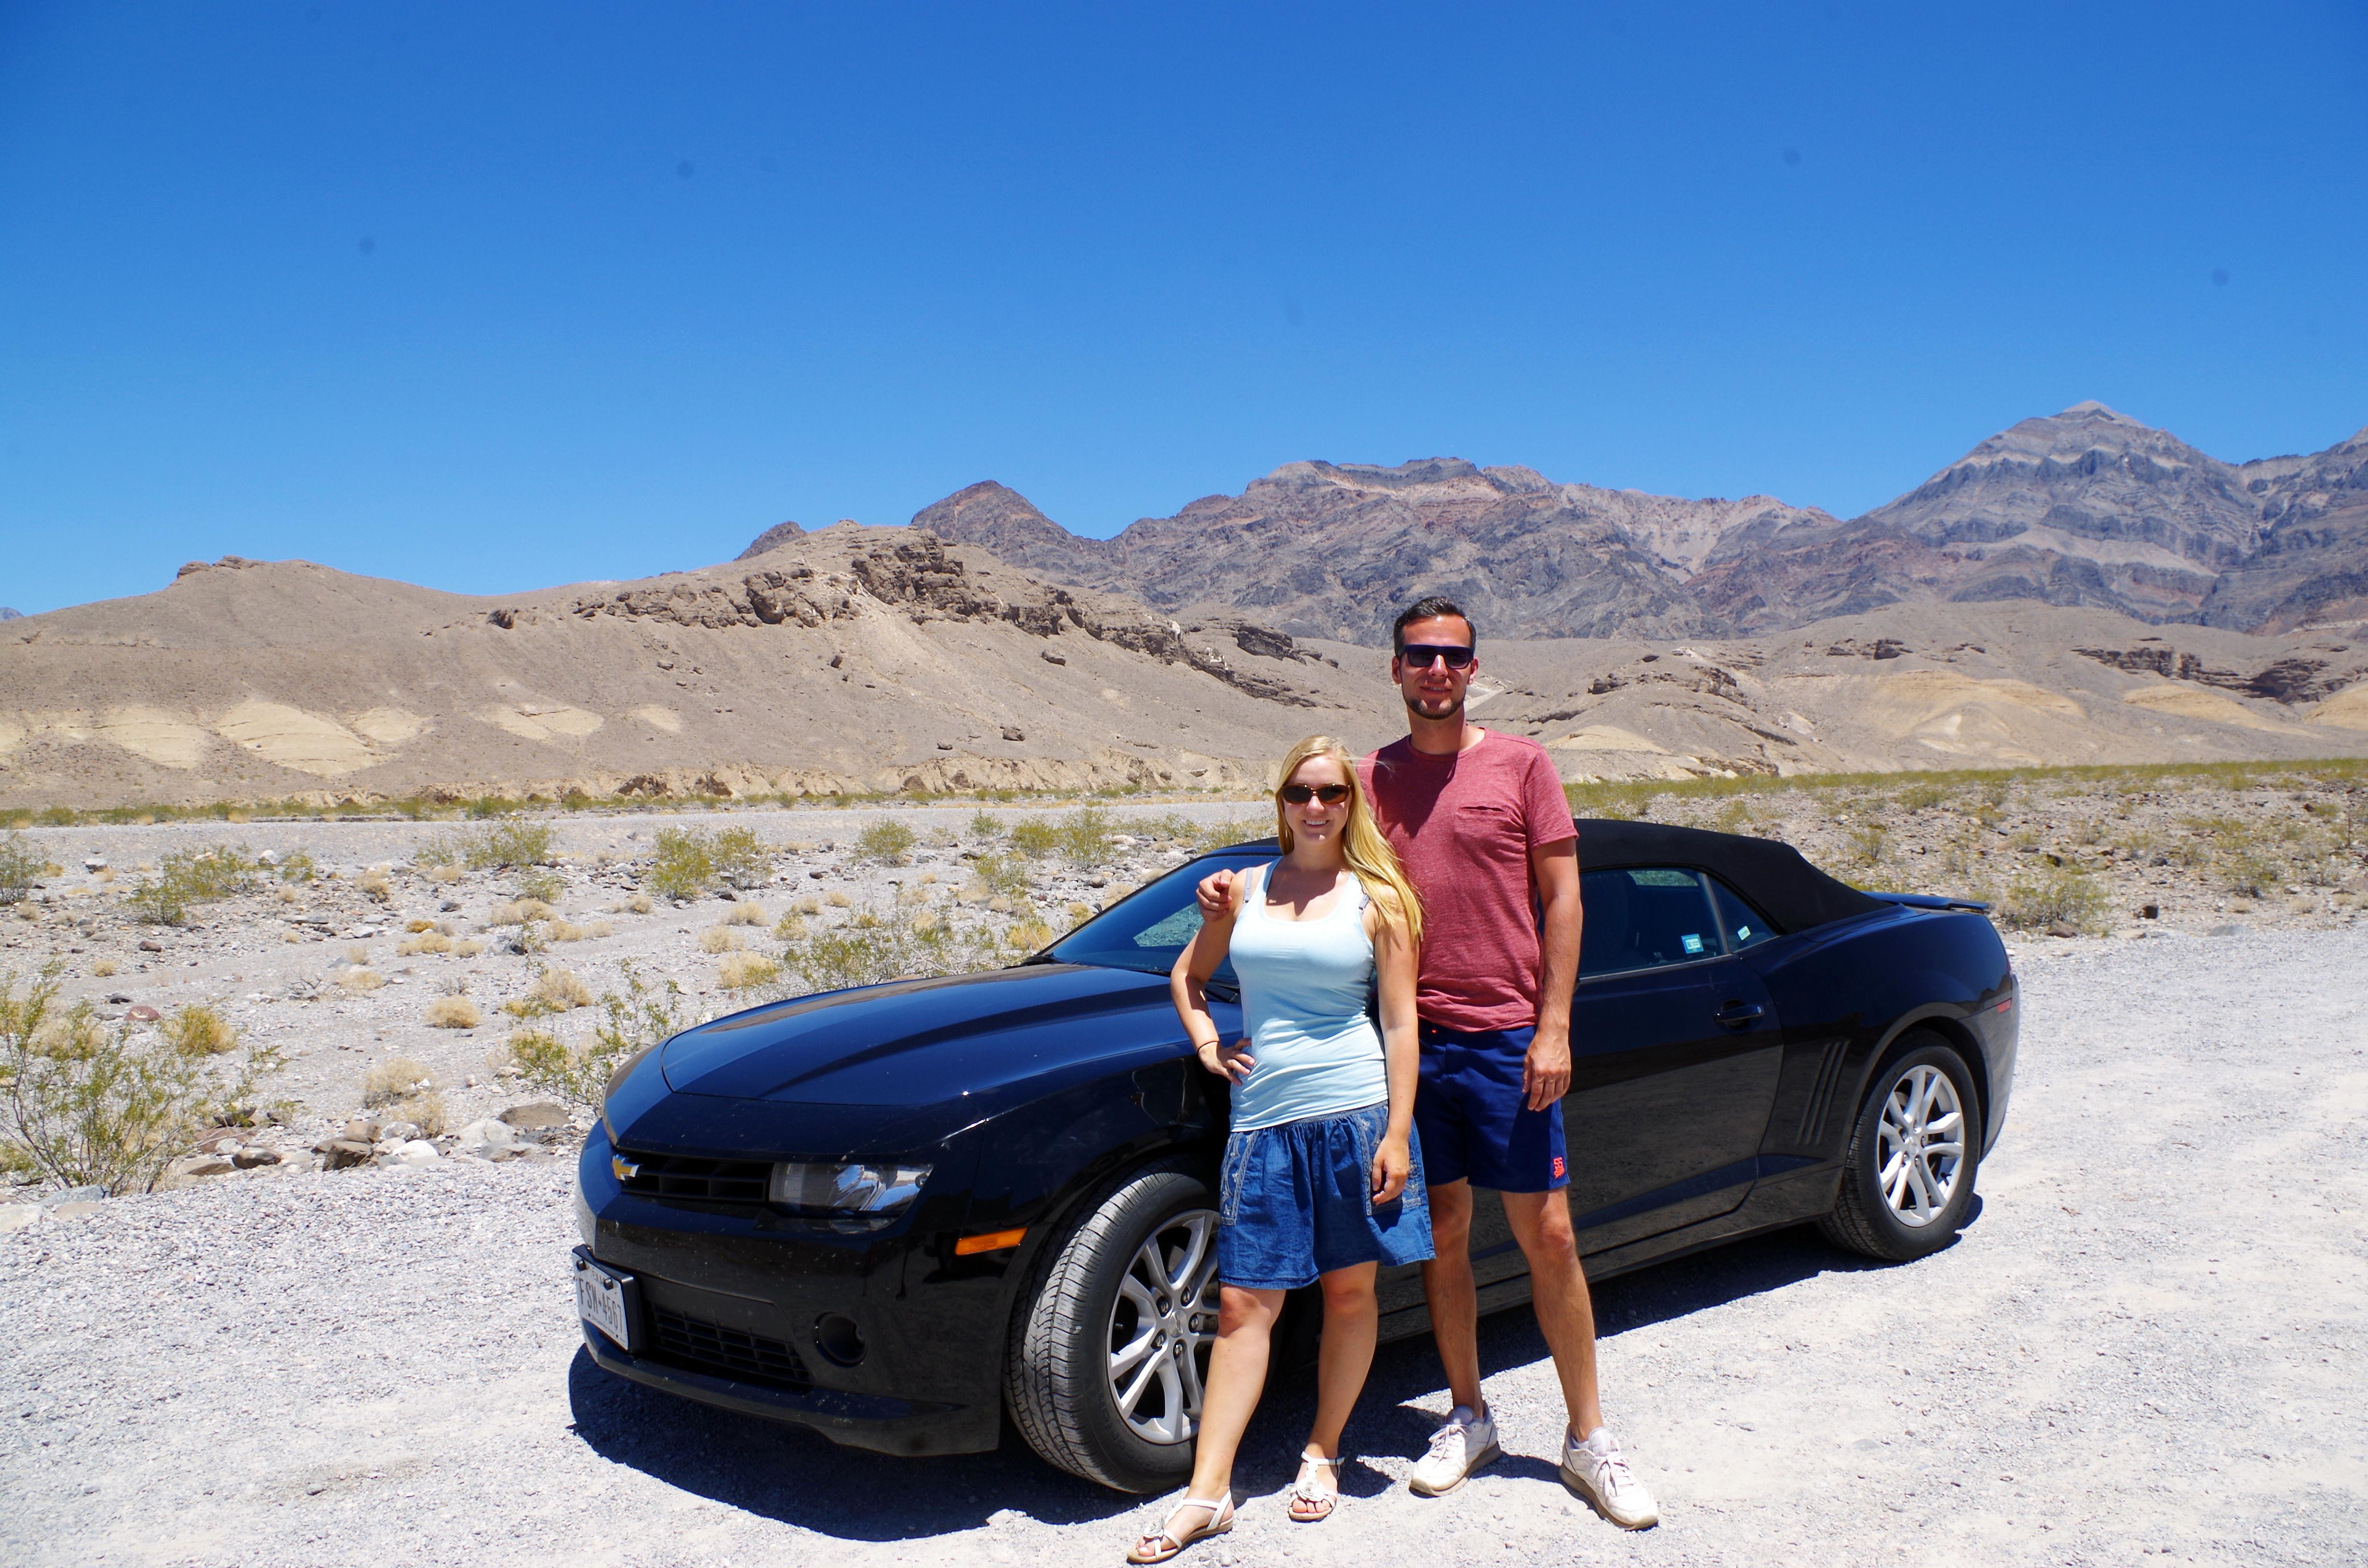 Das Verdeck von unserem Cabrio lassen wir bei 125 Grad Fahrenheit im Death Valley Nationalpark lieber zu ;-)